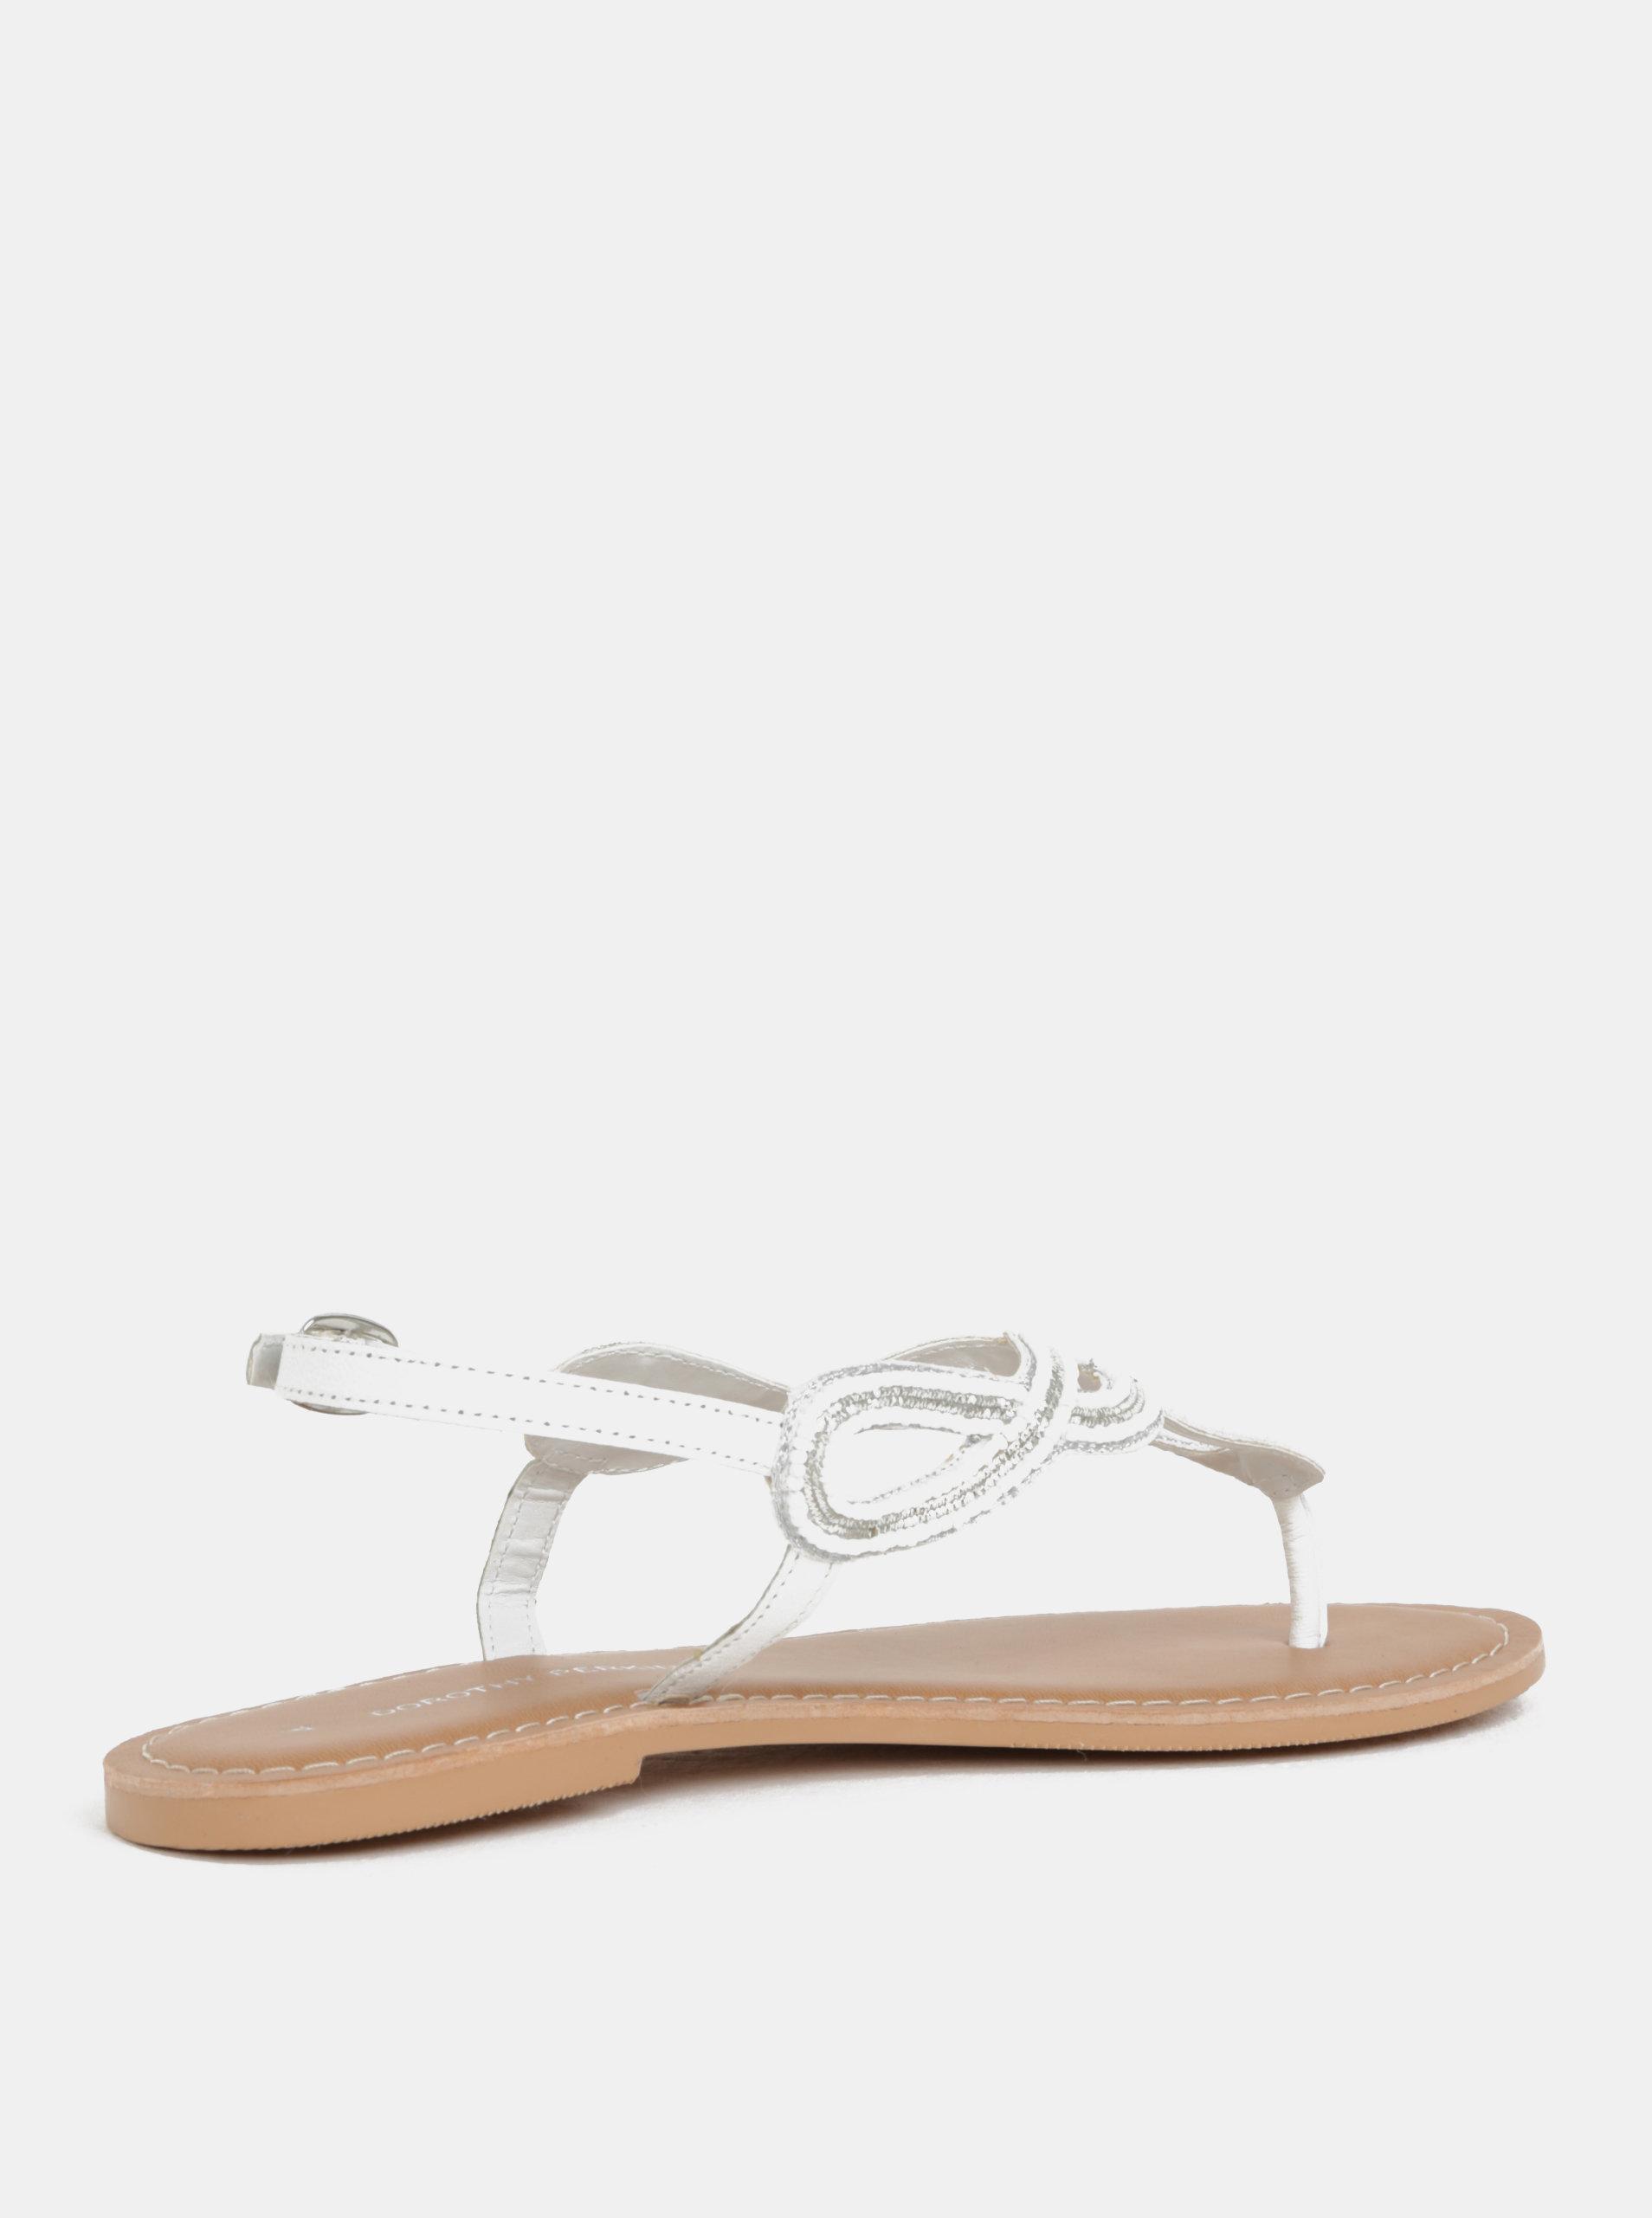 496dcca9f27b Biele kožené sandále s ozdobnými korálkami Dorothy Perkins ...